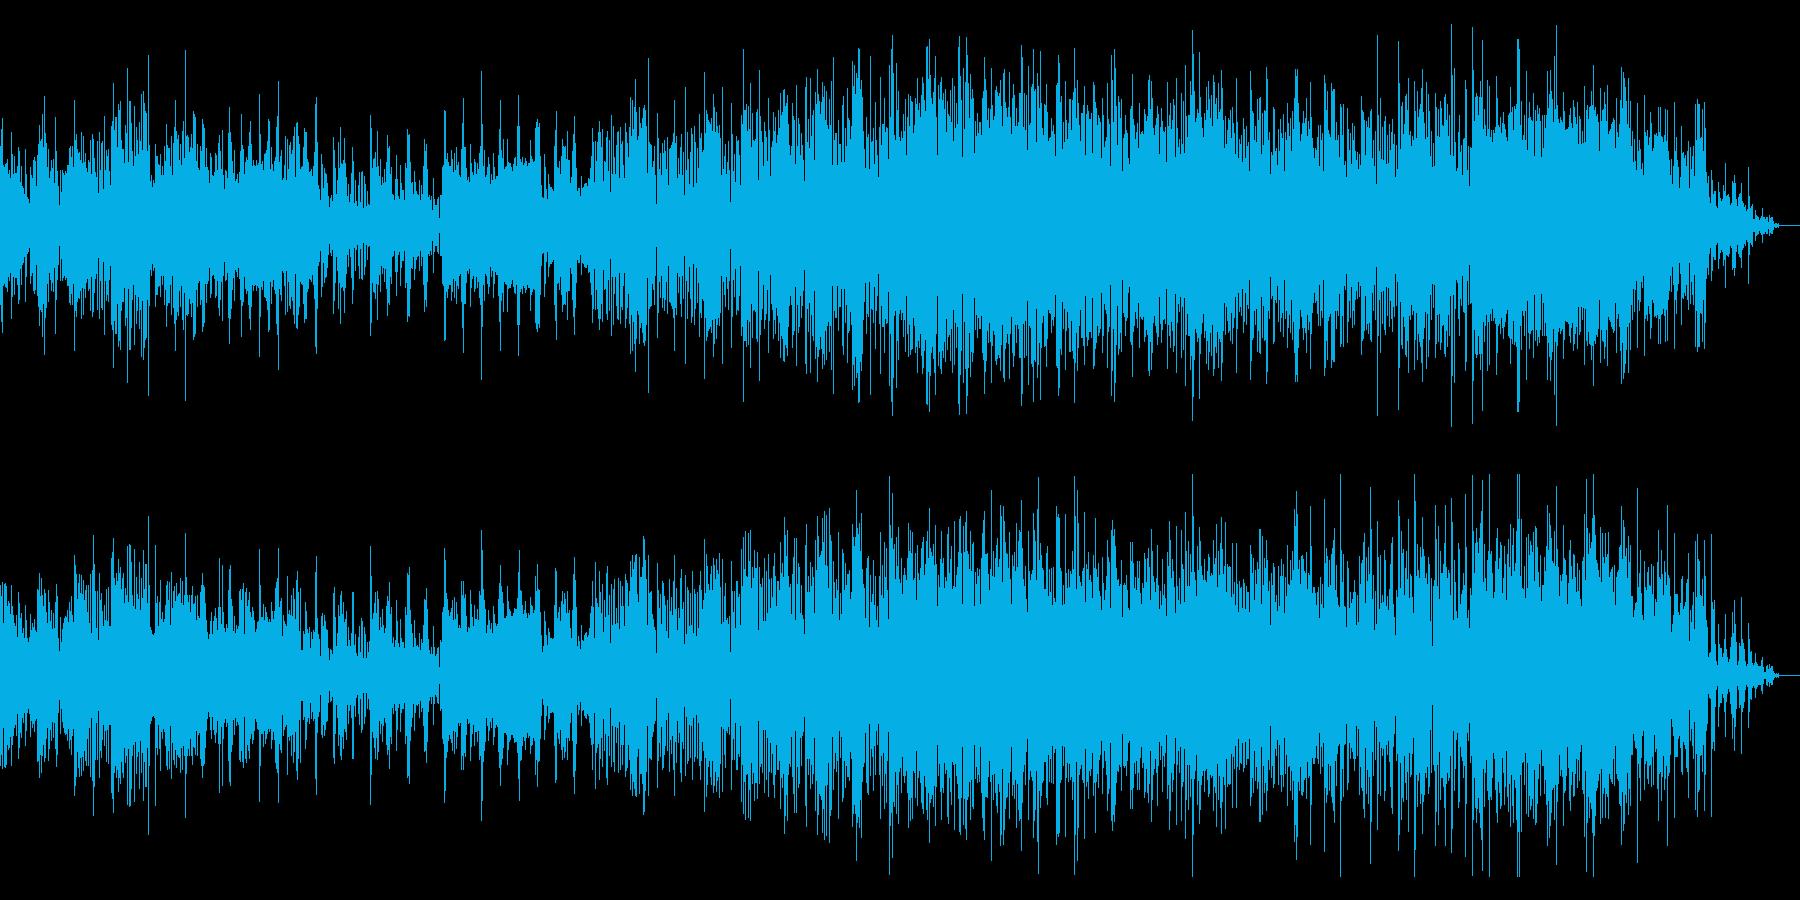 不思議な印象のアンビエントIDMの再生済みの波形